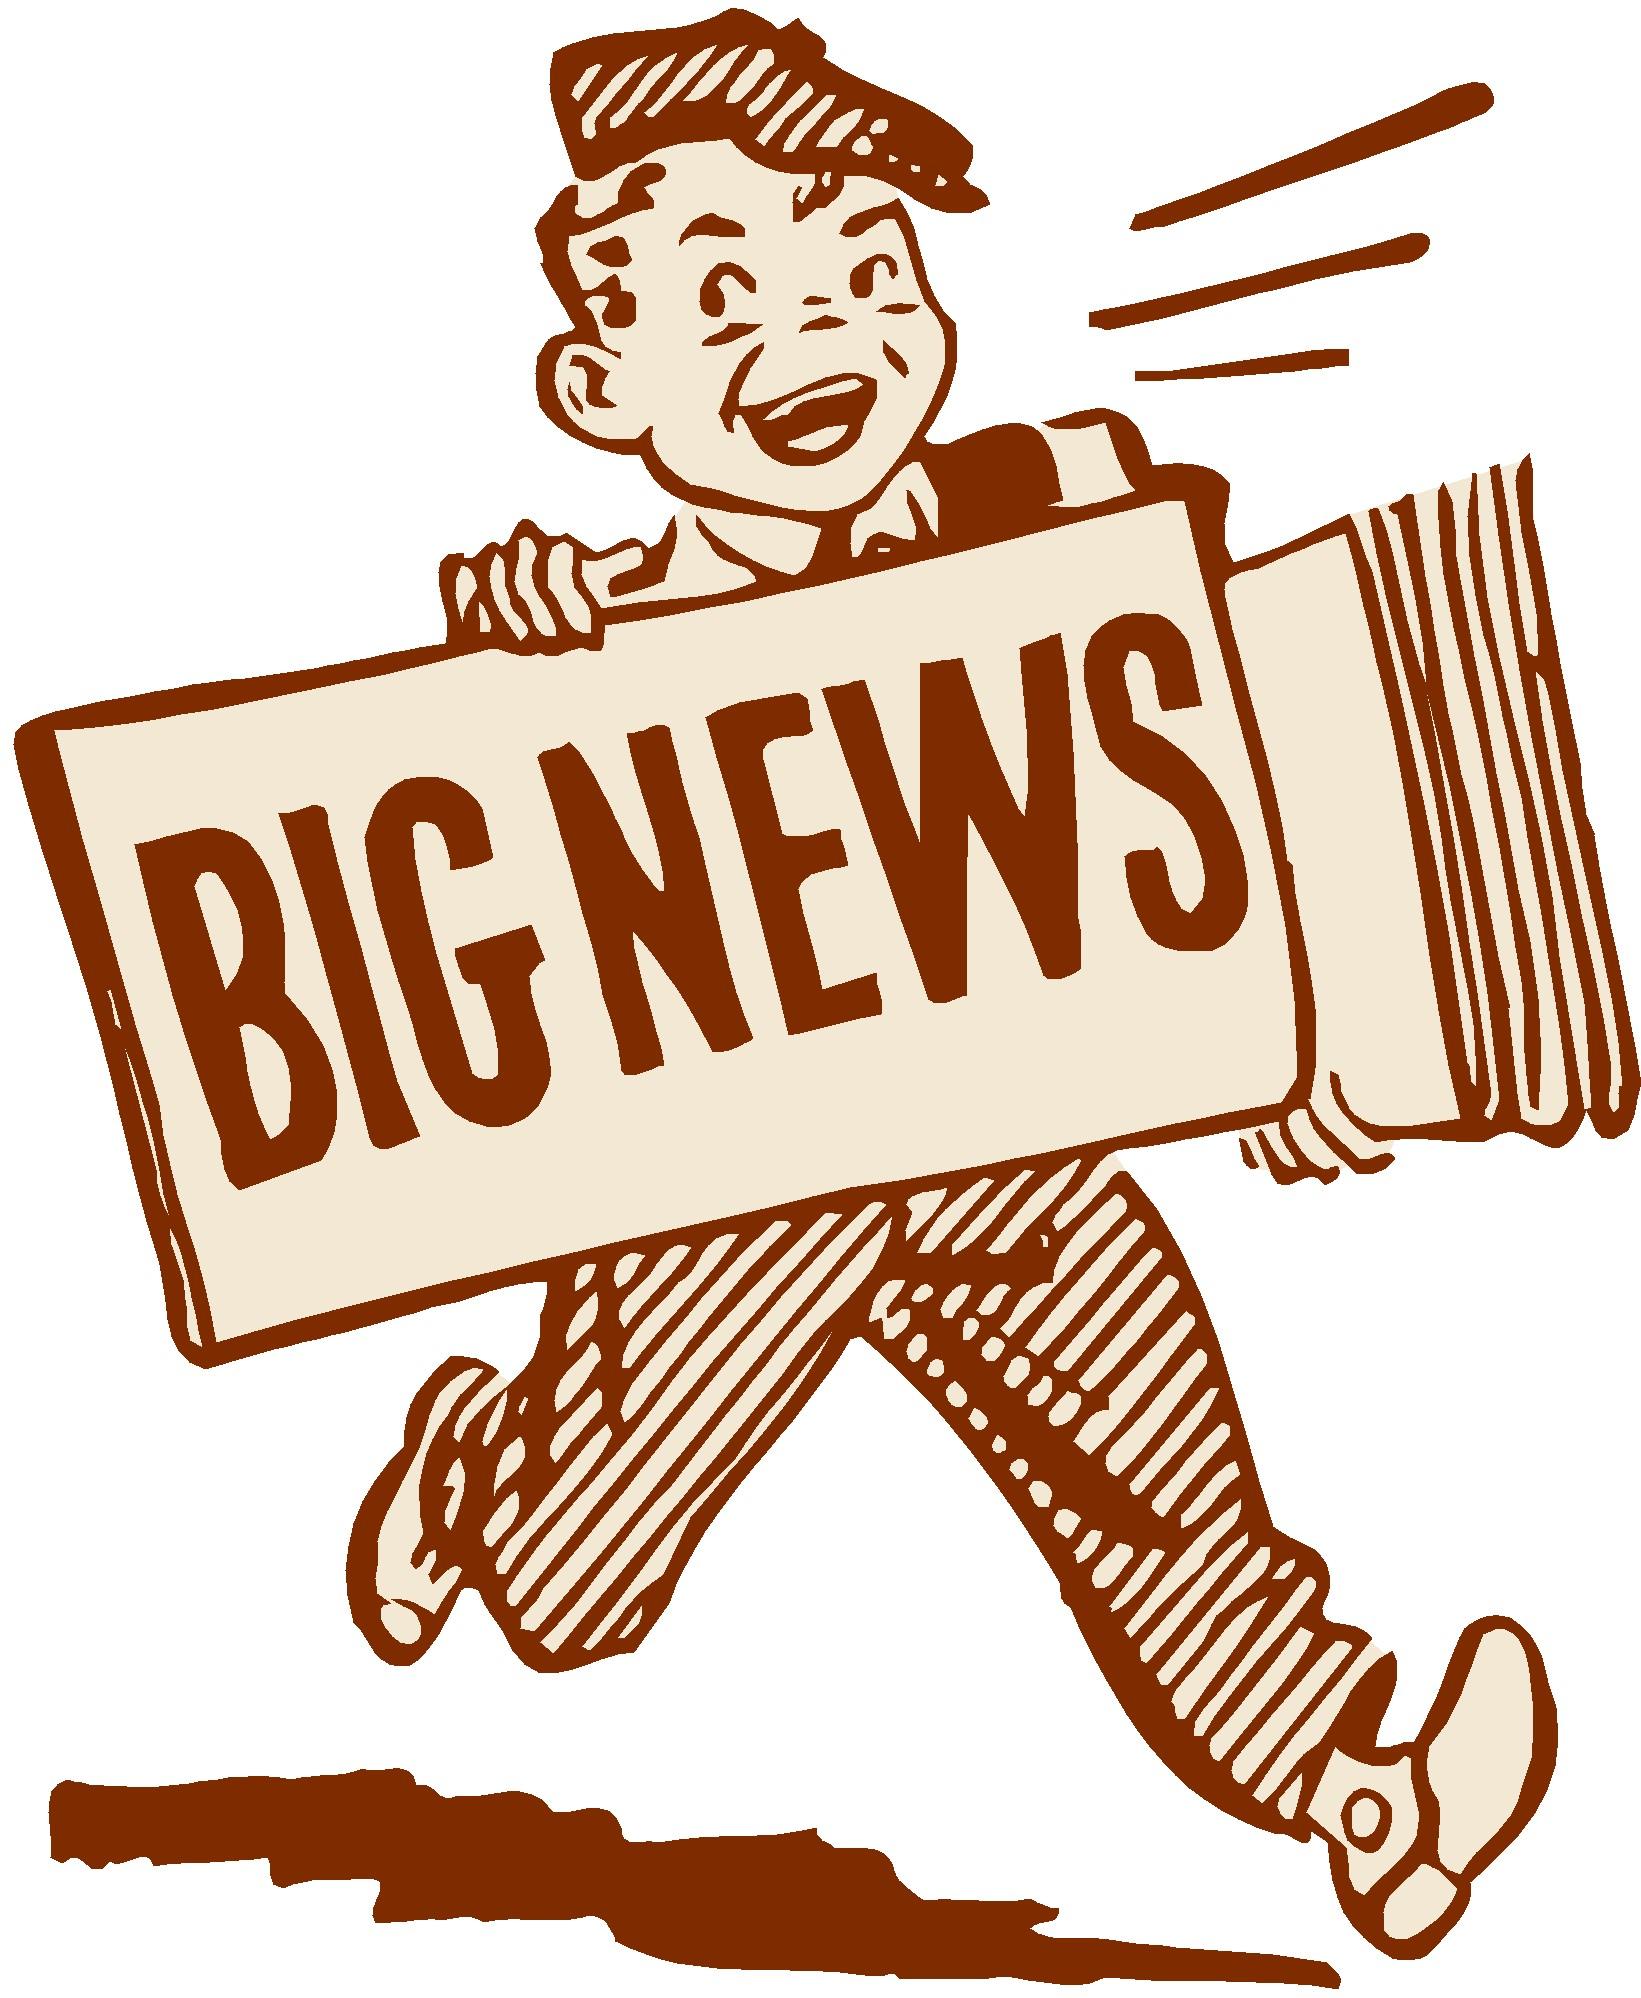 Newsletter Deadline Clipart